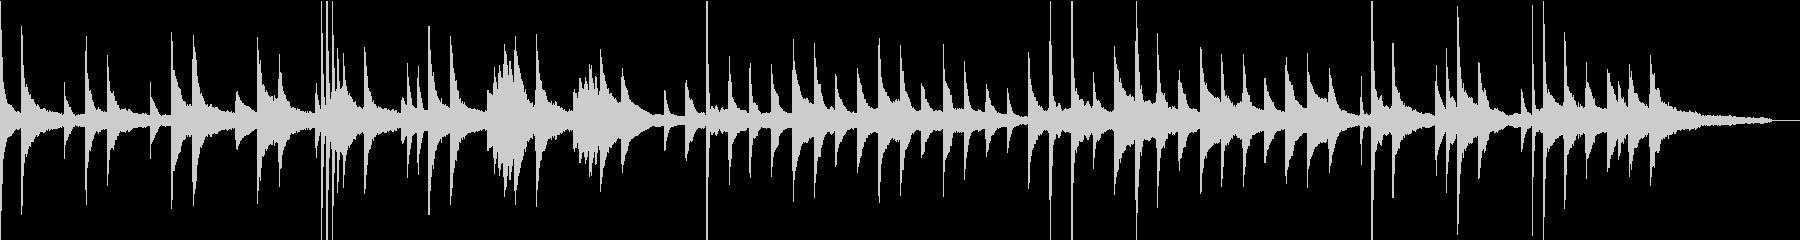 静かな朝の湖で聴くピアノの未再生の波形